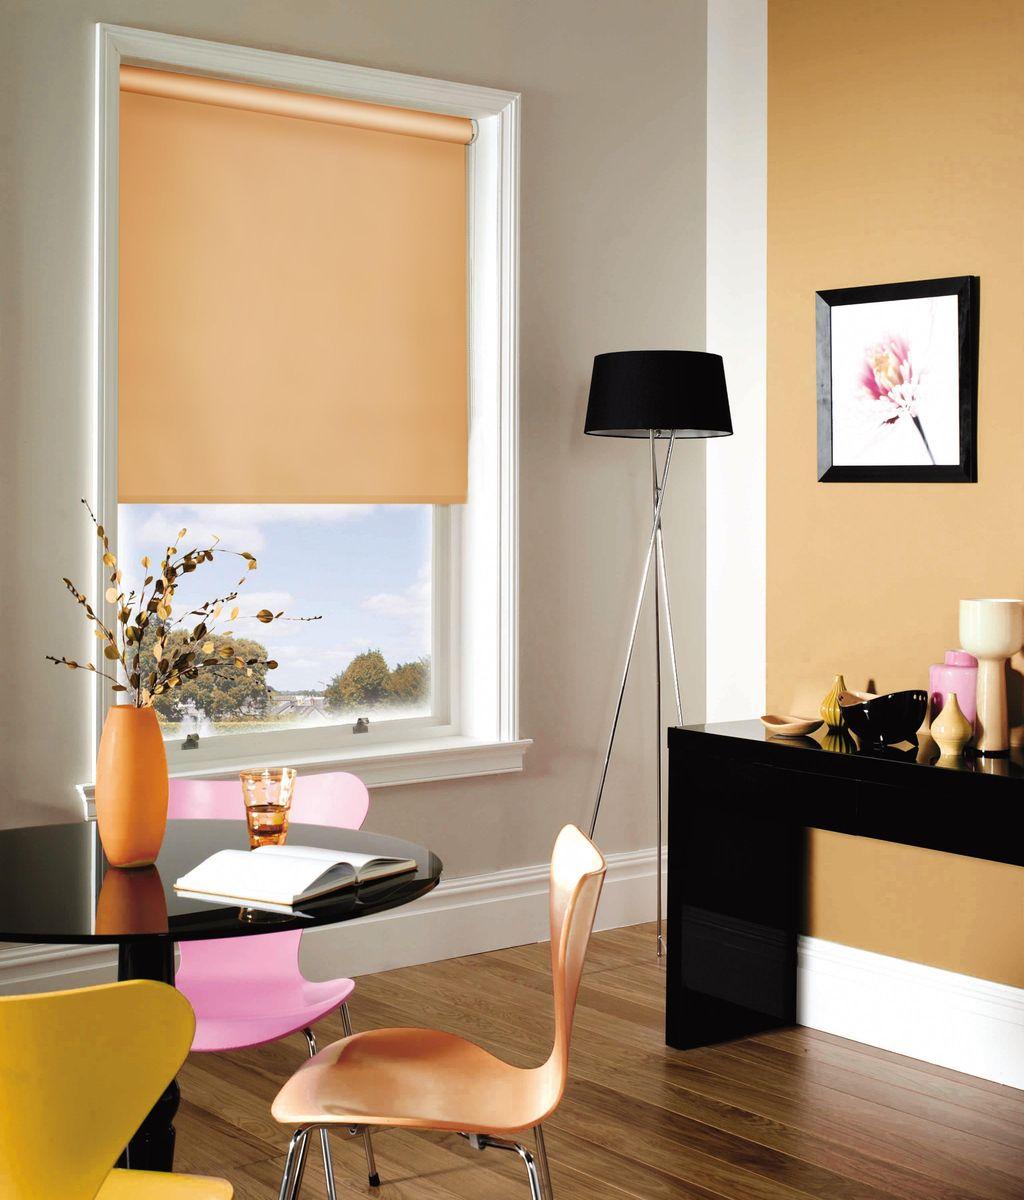 Штора рулонная Эскар, цвет: абрикосовый, ширина 80 см, высота 170 см81012080170Рулонными шторами можно оформлять окна как самостоятельно, так и использовать в комбинации с портьерами. Это поможет предотвратить выгорание дорогой ткани на солнце и соединит функционал рулонных с красотой навесных.Преимущества применения рулонных штор для пластиковых окон:- имеют прекрасный внешний вид: многообразие и фактурность материала изделия отлично смотрятся в любом интерьере; - многофункциональны: есть возможность подобрать шторы способные эффективно защитить комнату от солнца, при этом о на не будет слишком темной. - Есть возможность осуществить быстрый монтаж. ВНИМАНИЕ! Размеры ширины изделия указаны по ширине ткани!Во время эксплуатации не рекомендуется полностью разматывать рулон, чтобы не оторвать ткань от намоточного вала.В случае загрязнения поверхности ткани, чистку шторы проводят одним из способов, в зависимости от типа загрязнения: легкое поверхностное загрязнение можно удалить при помощи канцелярского ластика; чистка от пыли производится сухим методом при помощи пылесоса с мягкой щеткой-насадкой; для удаления пятна используйте мягкую губку с пенообразующим неагрессивным моющим средством или пятновыводитель на натуральной основе (нельзя применять растворители).